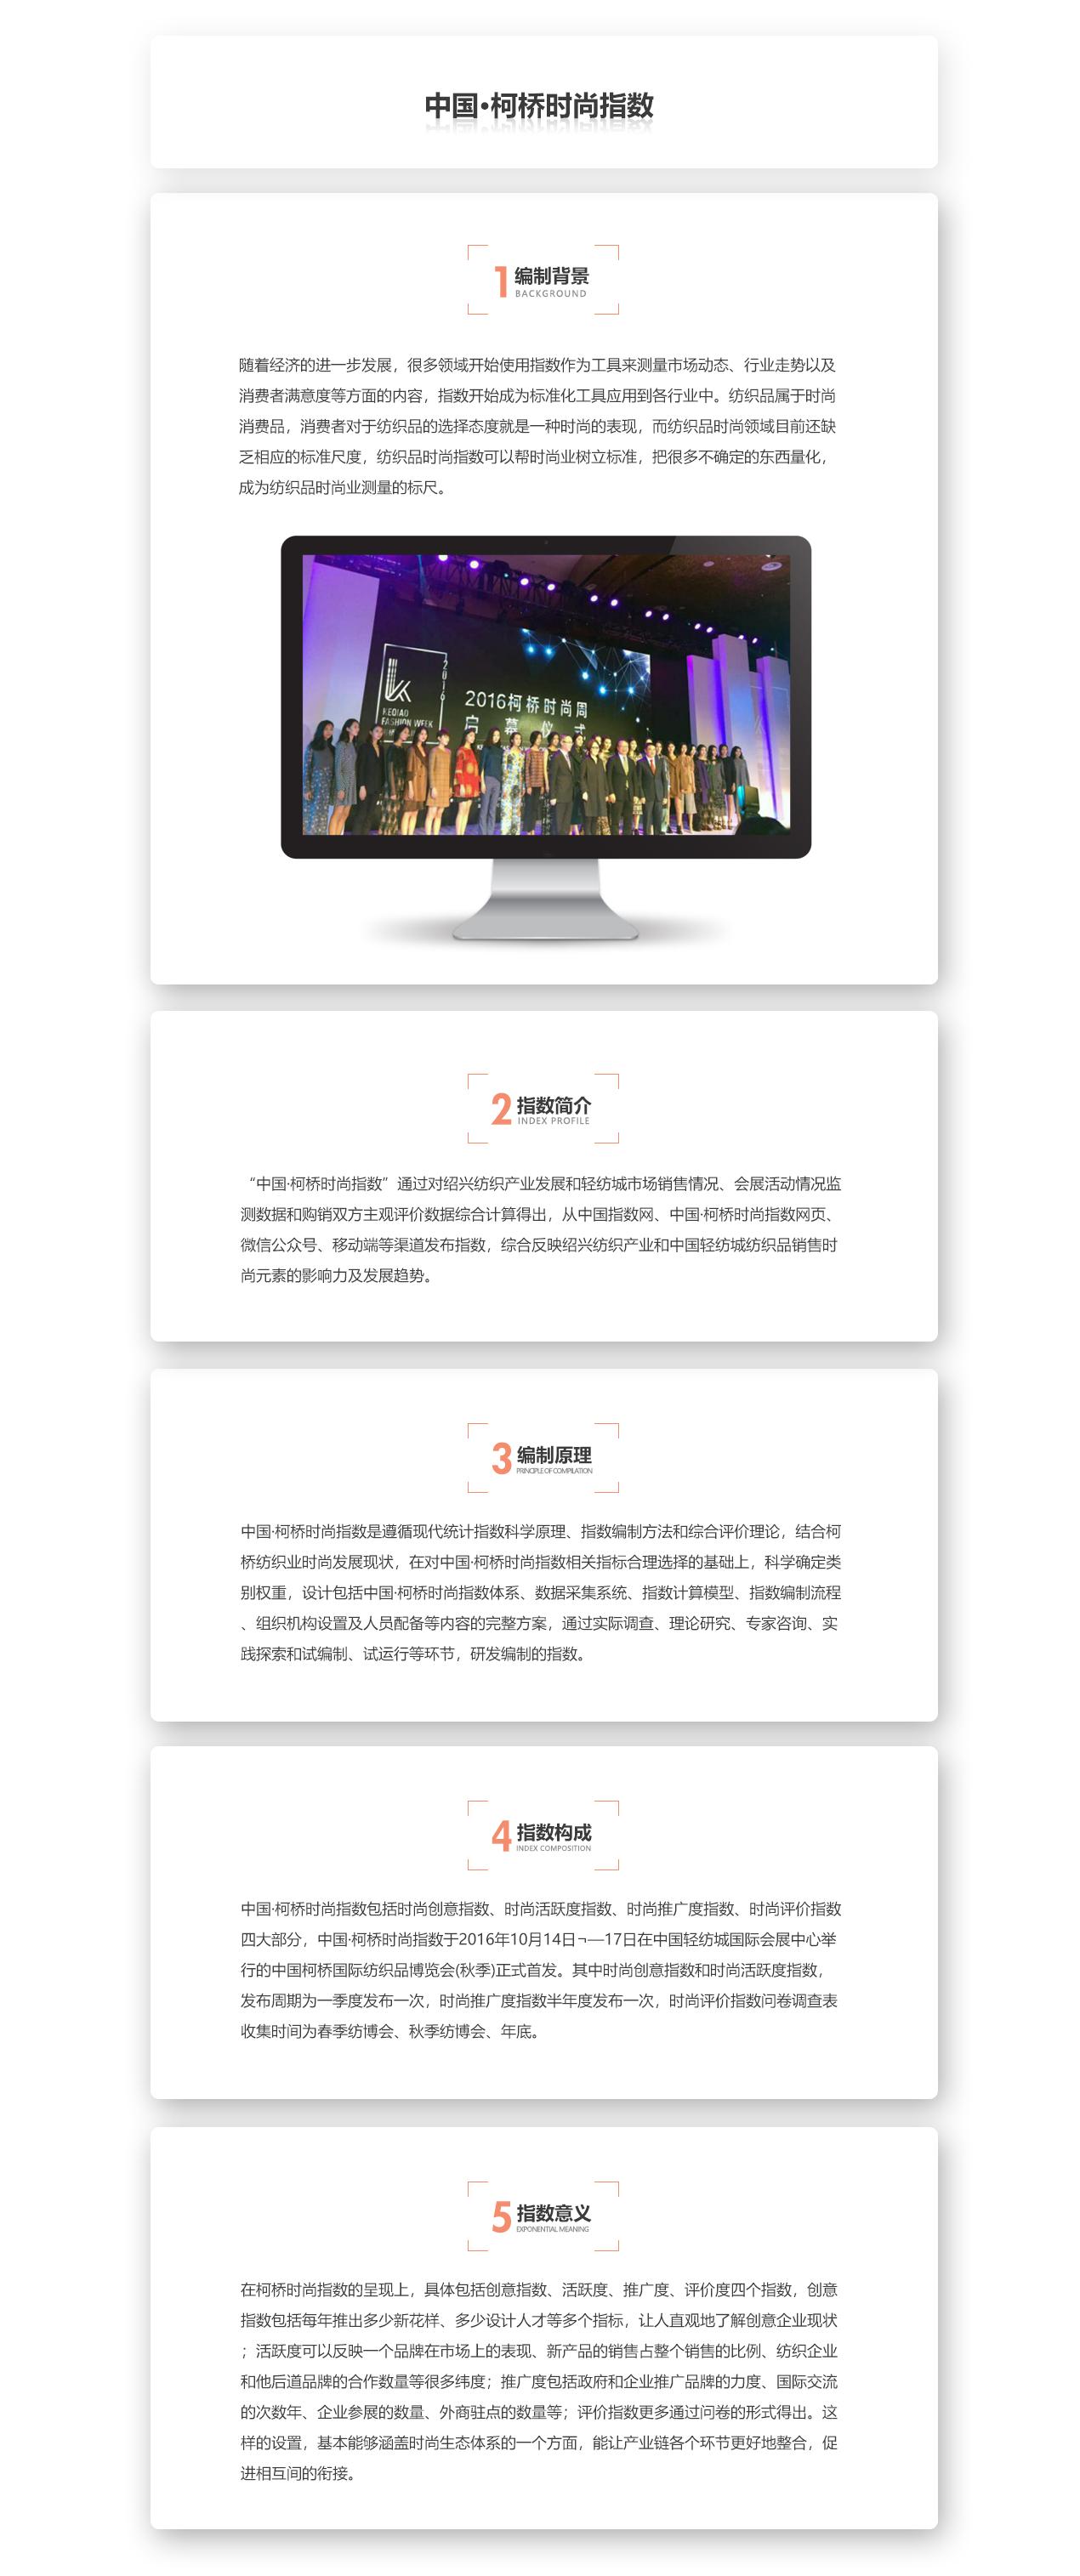 中国·柯桥时尚指数.jpg